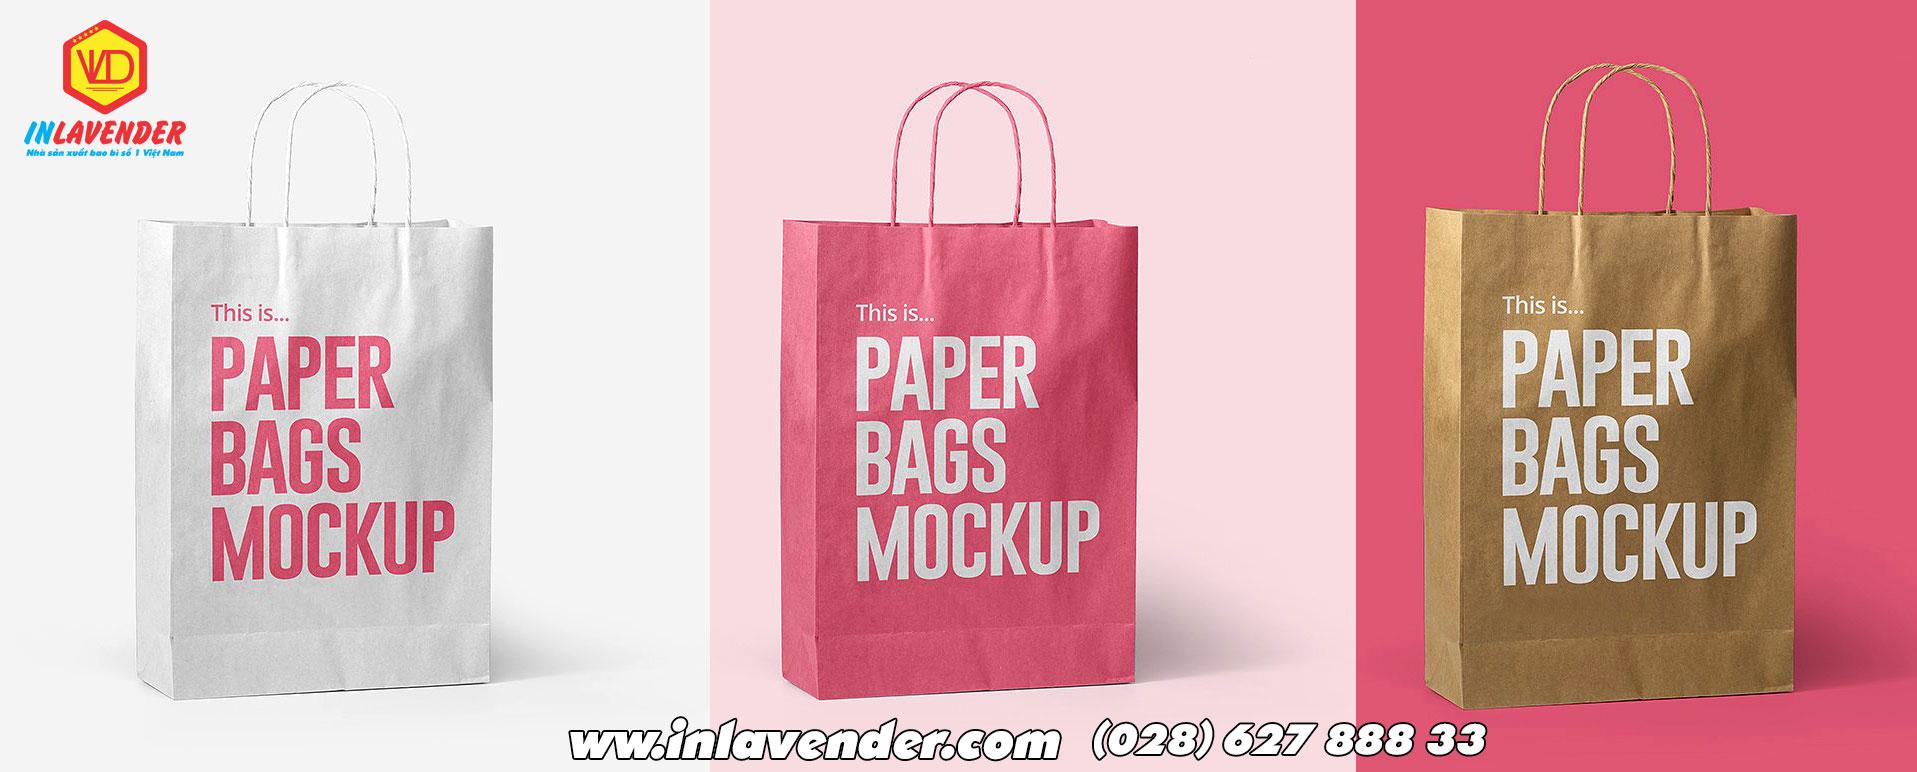 Thiết kế mẫu túi giấy đẹp